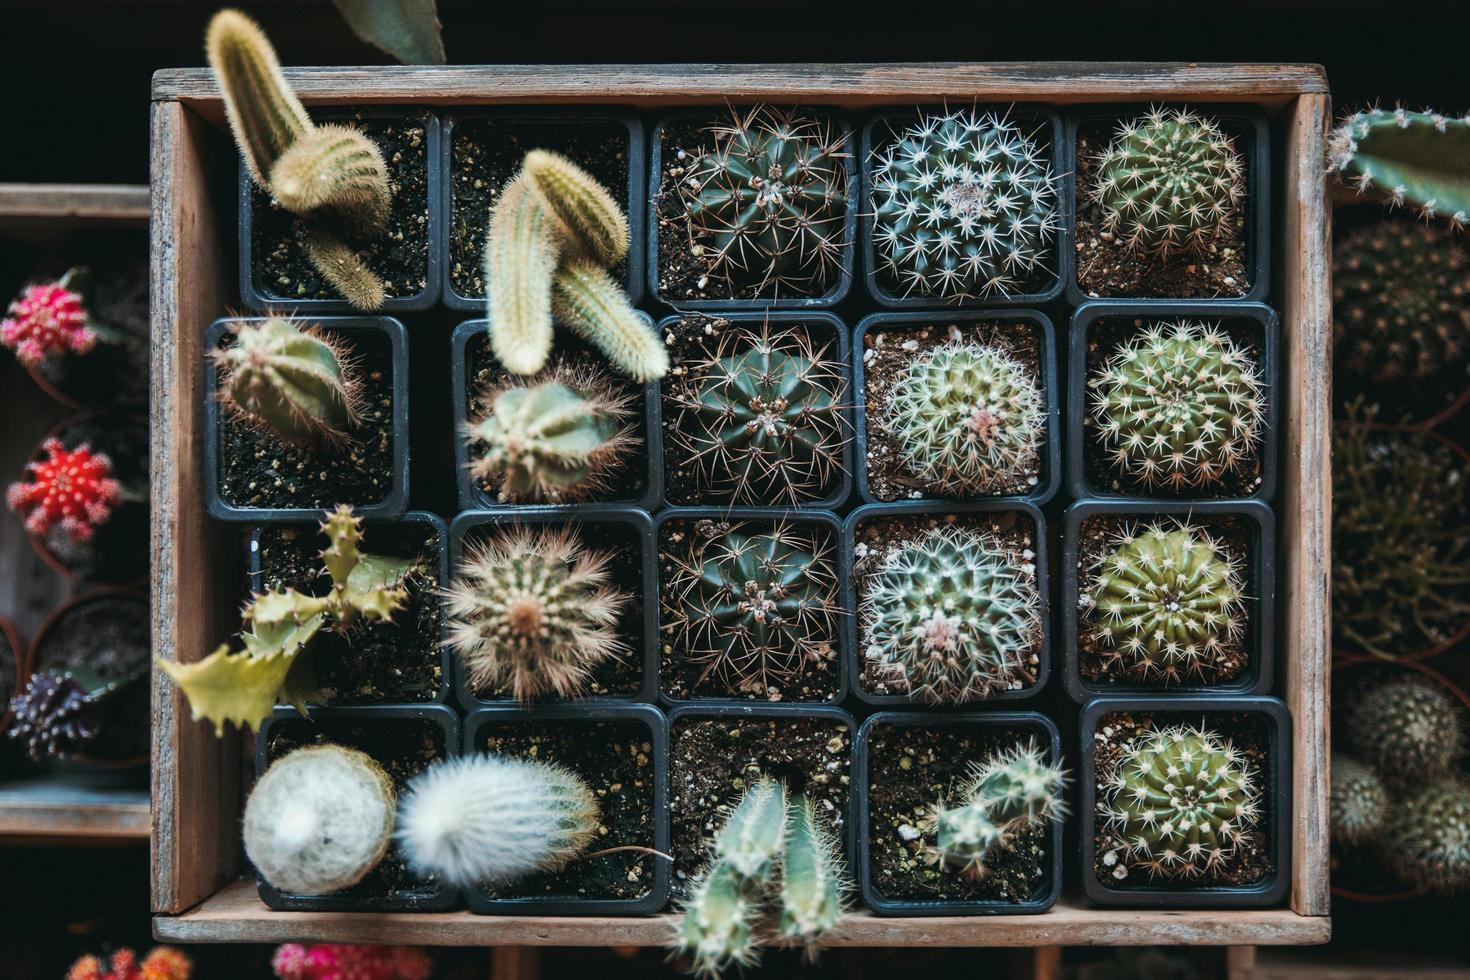 une boîte pleine de cactus verts photo